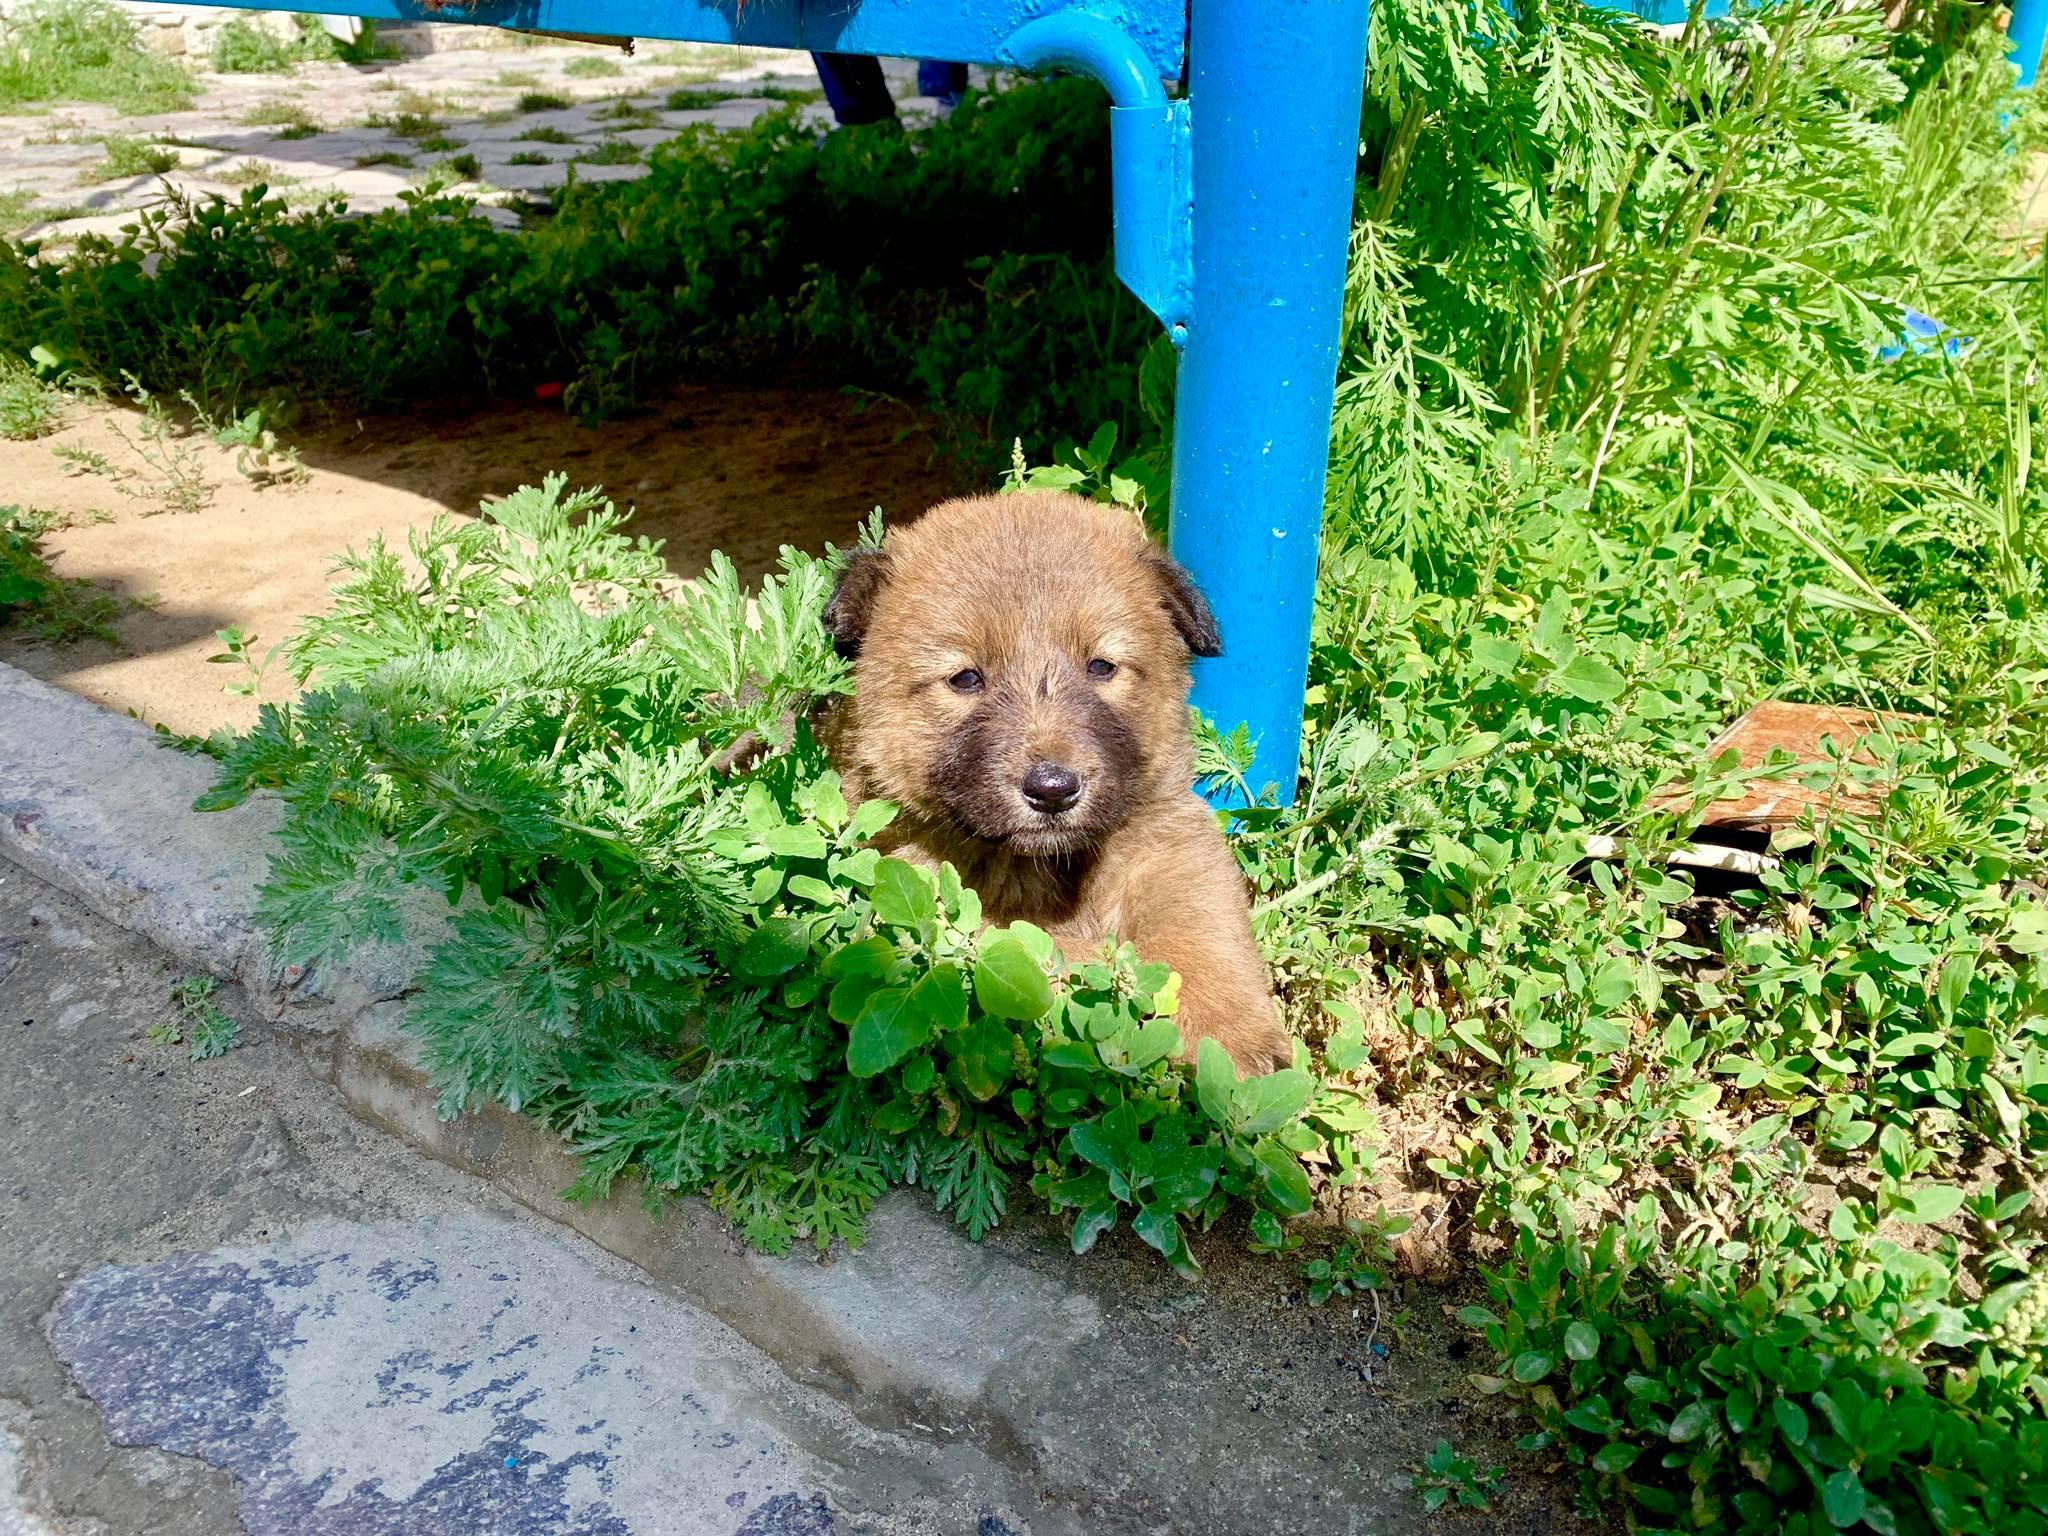 Kach Solo Travels in 2019 Homestay at Bulunkul Village26.jpg